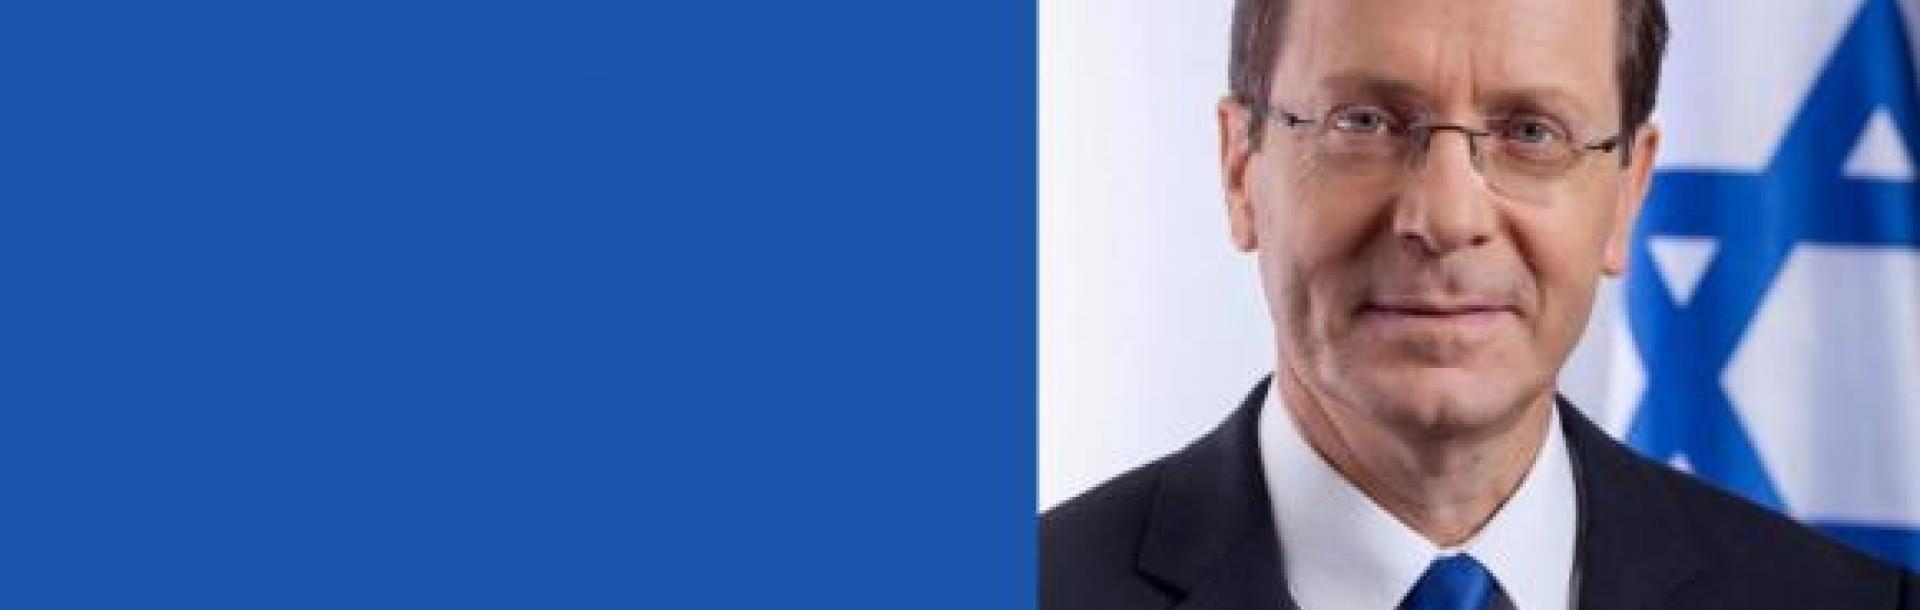 כבוד הנשיא הנבחר! יצחק (בוז'י) הרצוג - Isaac Herzog